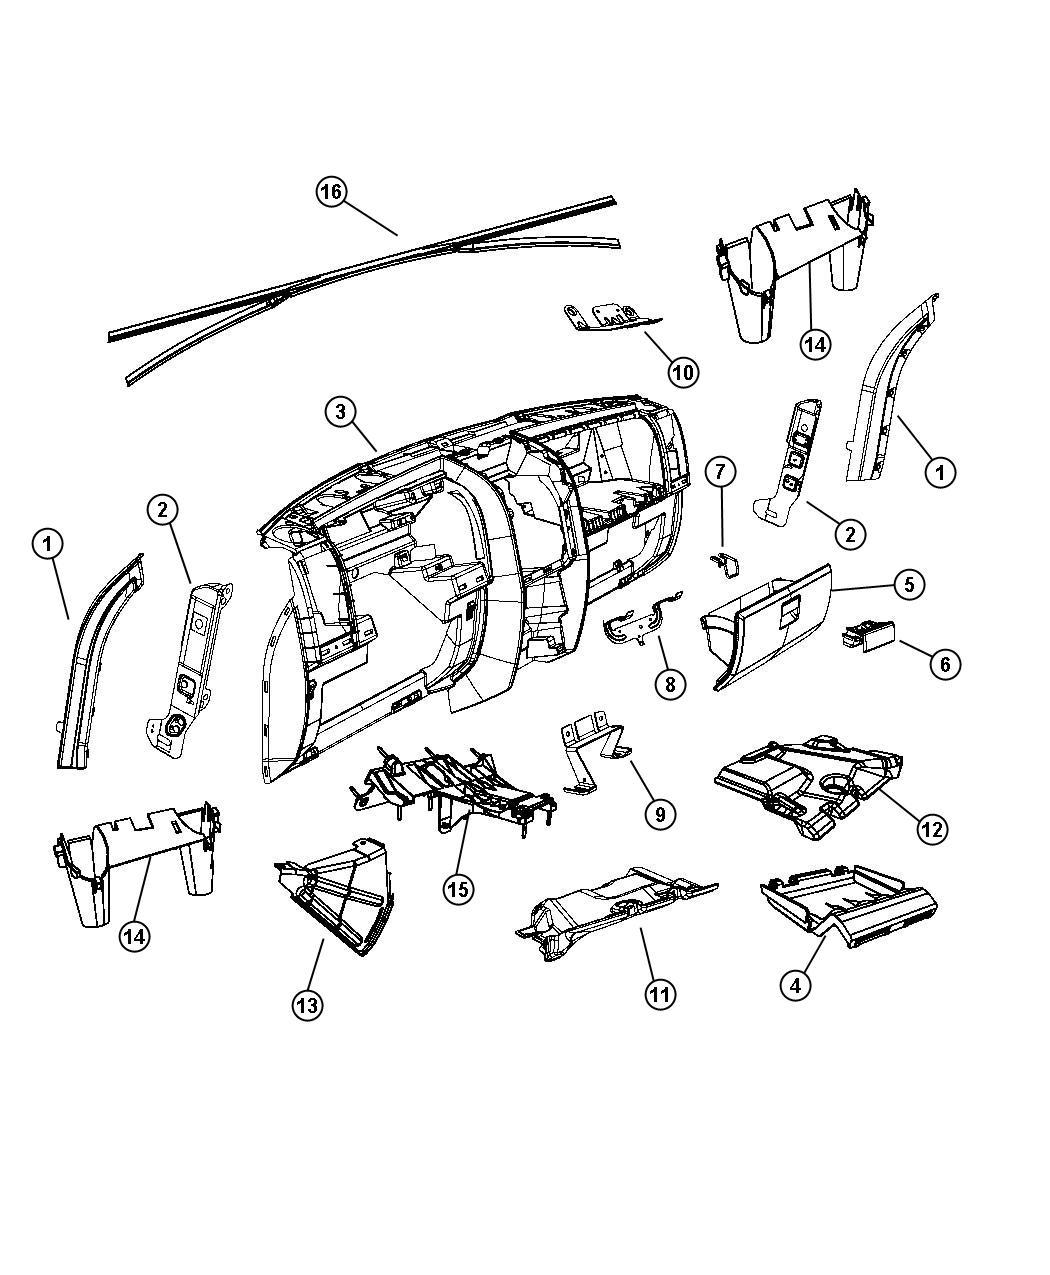 tags: #jeep cj7 renegade#willys jeep truck#jeep cj3b#jeep cj5 restoration#jeep  cj5 parts#new jeep cj5#lifted jeep cj7#jeep cj5 headlight switch#jeep cj5